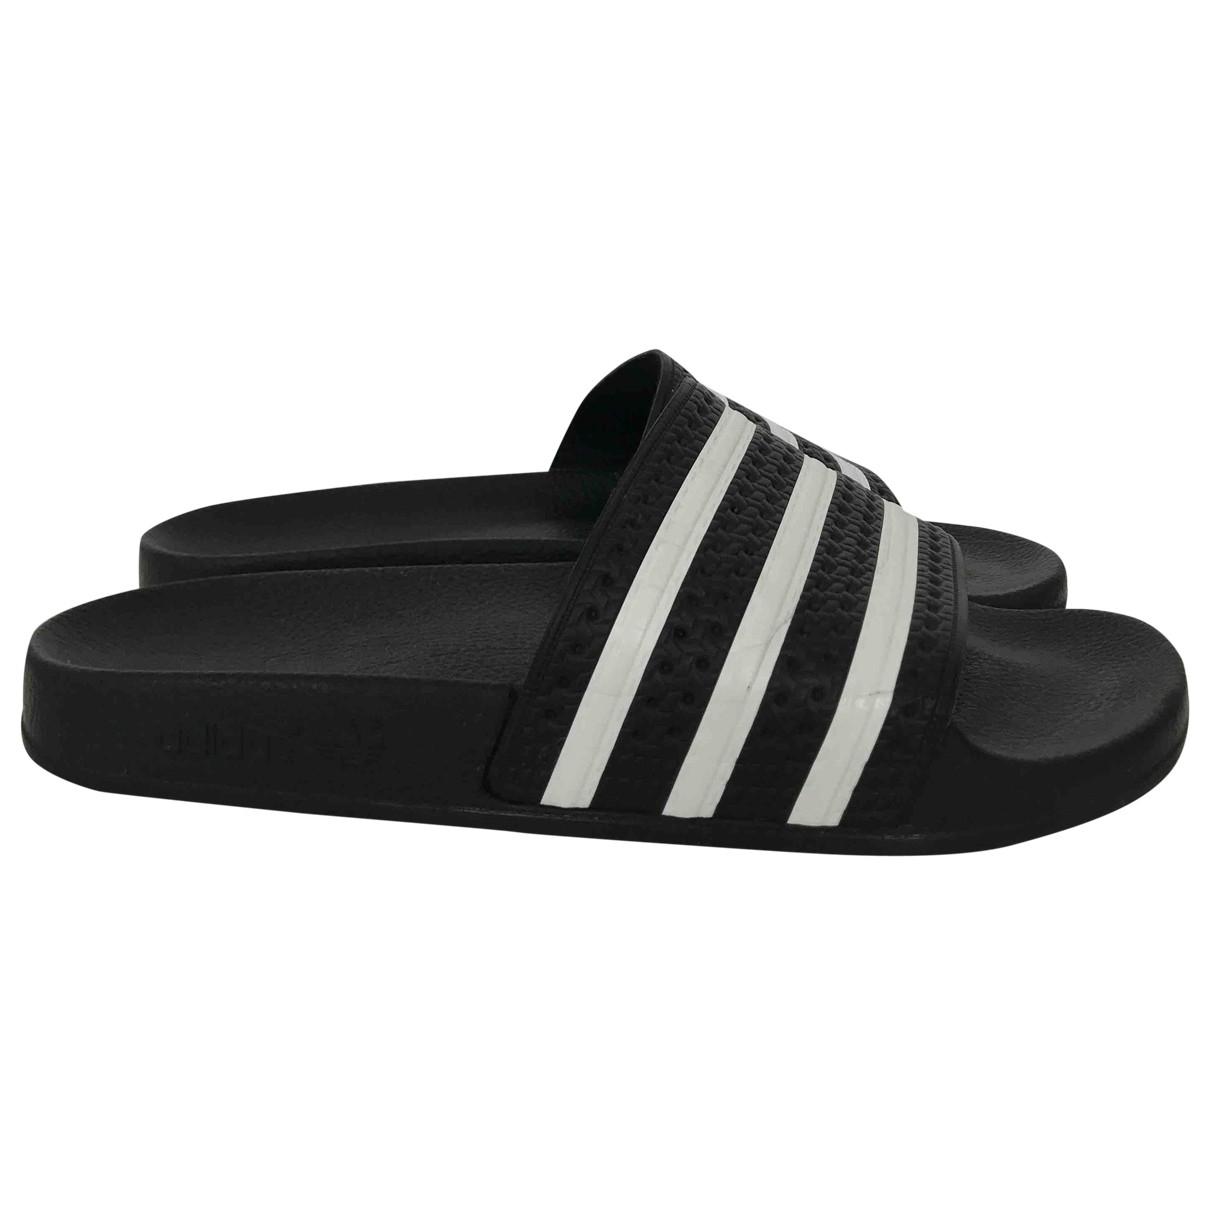 Adidas - Baskets Adilette  pour femme en caoutchouc - noir